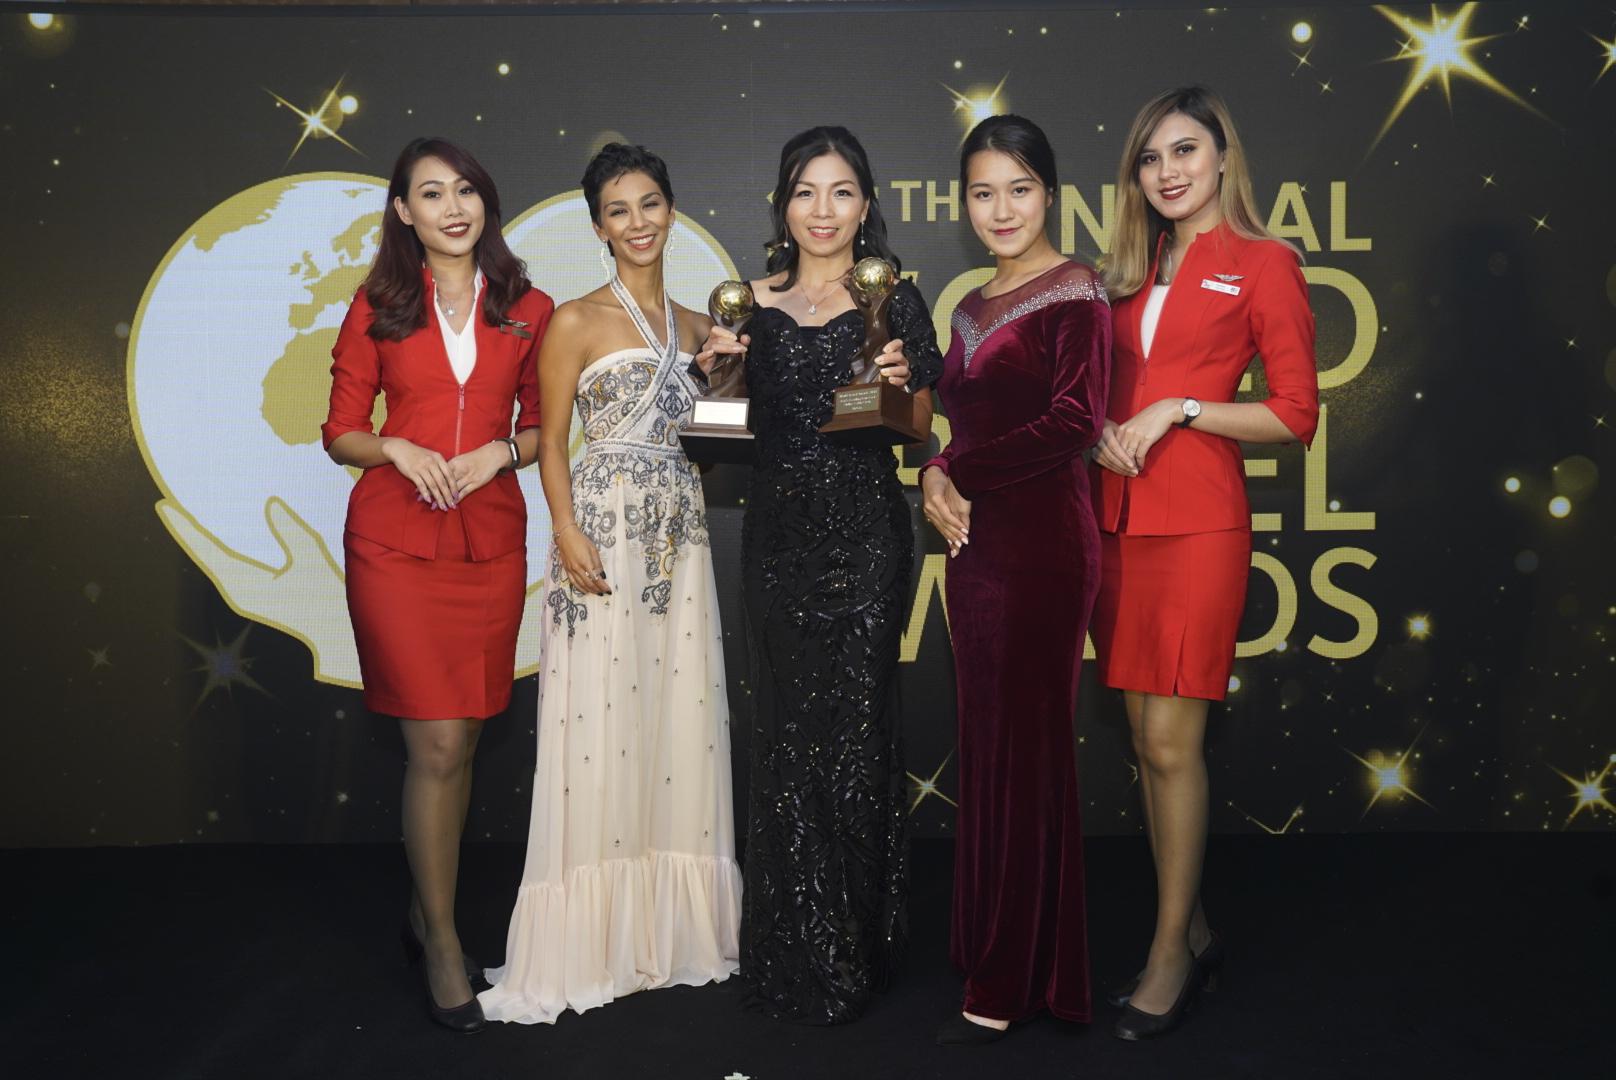 2018ワールド・トラベル・アワード授賞式に出席したエアアジア 香港・マカオ地区CEO セリア・ラオ(中央)